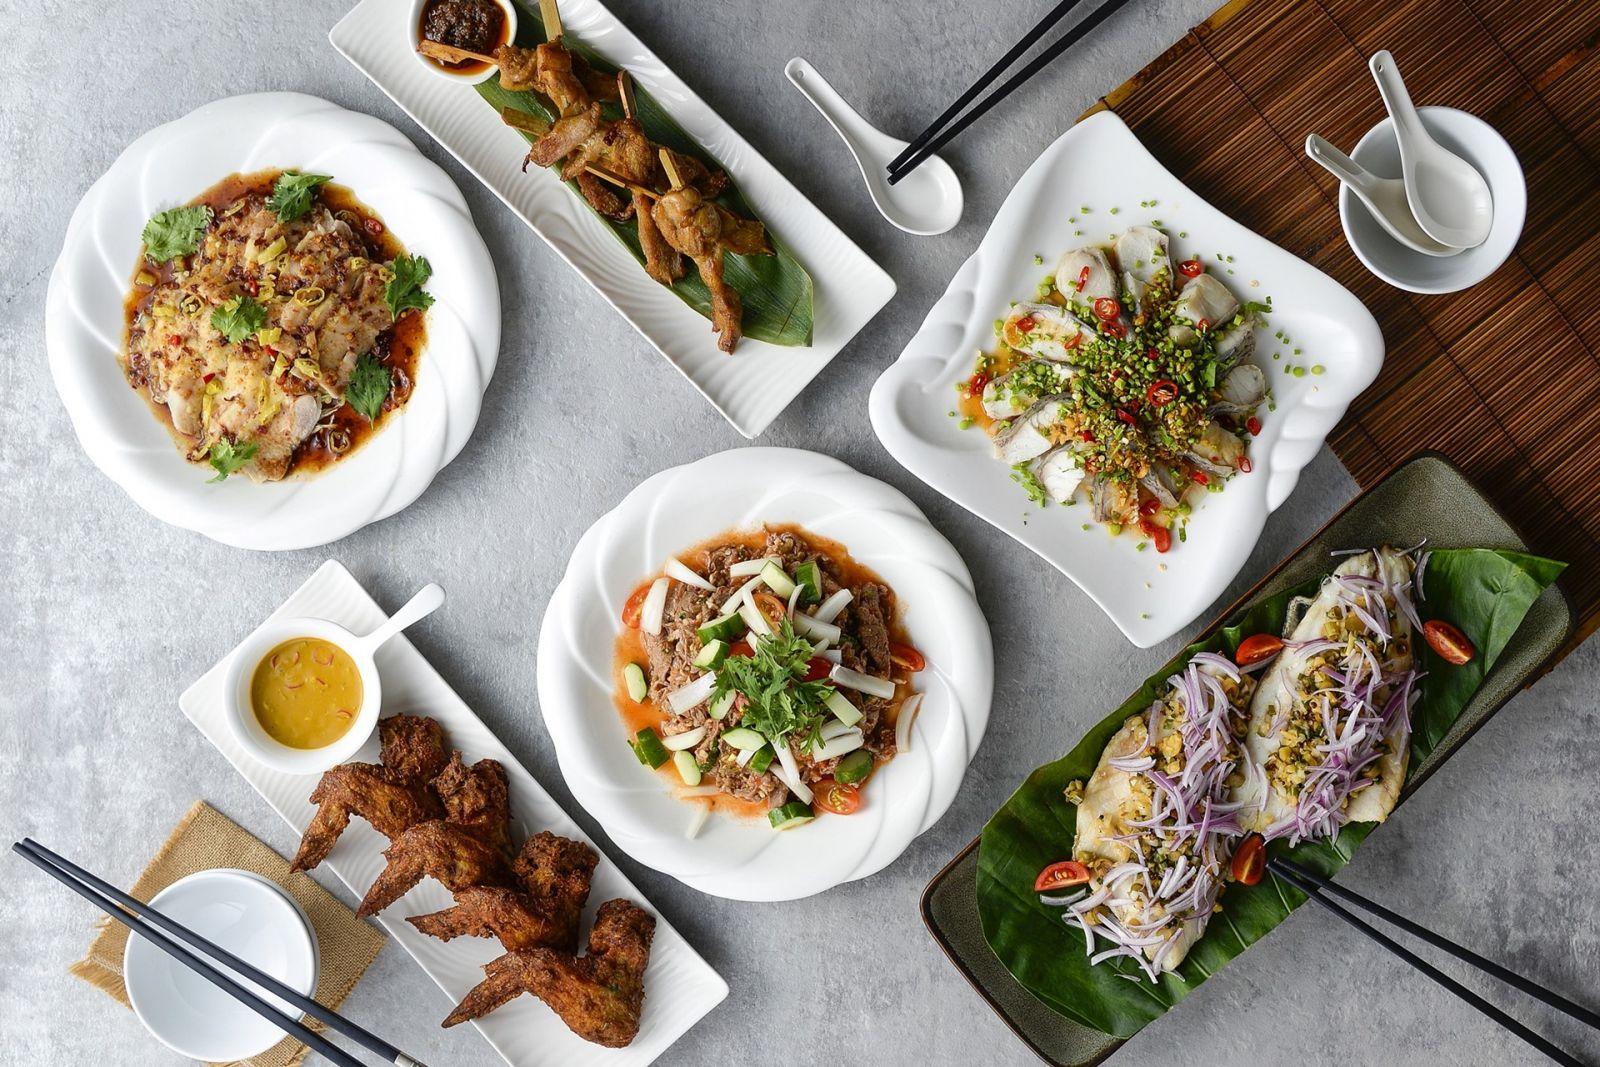 亞洲美食節 挑逗您的味蕾